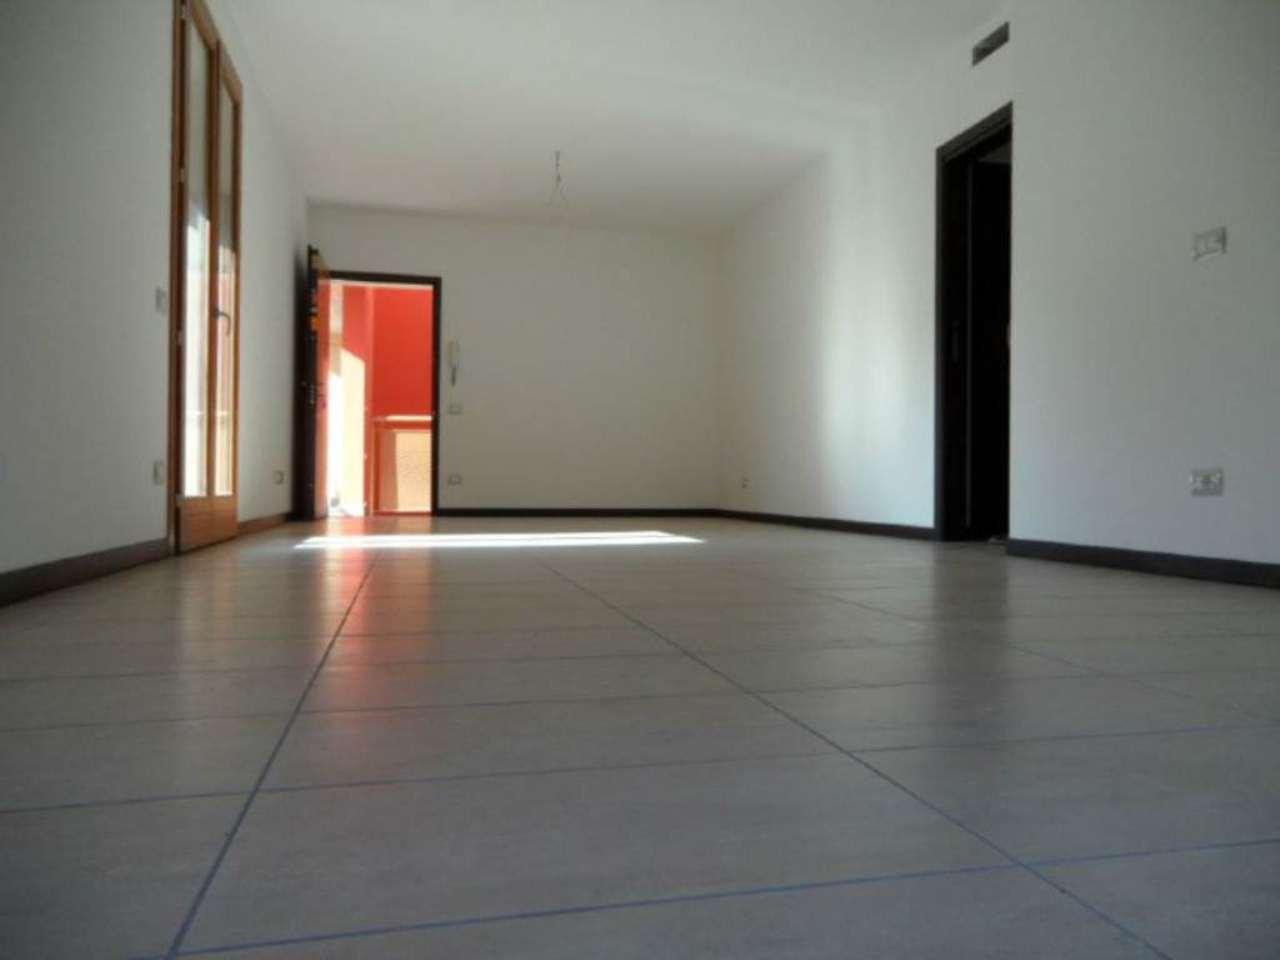 Appartamento in vendita a Chiuduno, 4 locali, prezzo € 180.000 | PortaleAgenzieImmobiliari.it